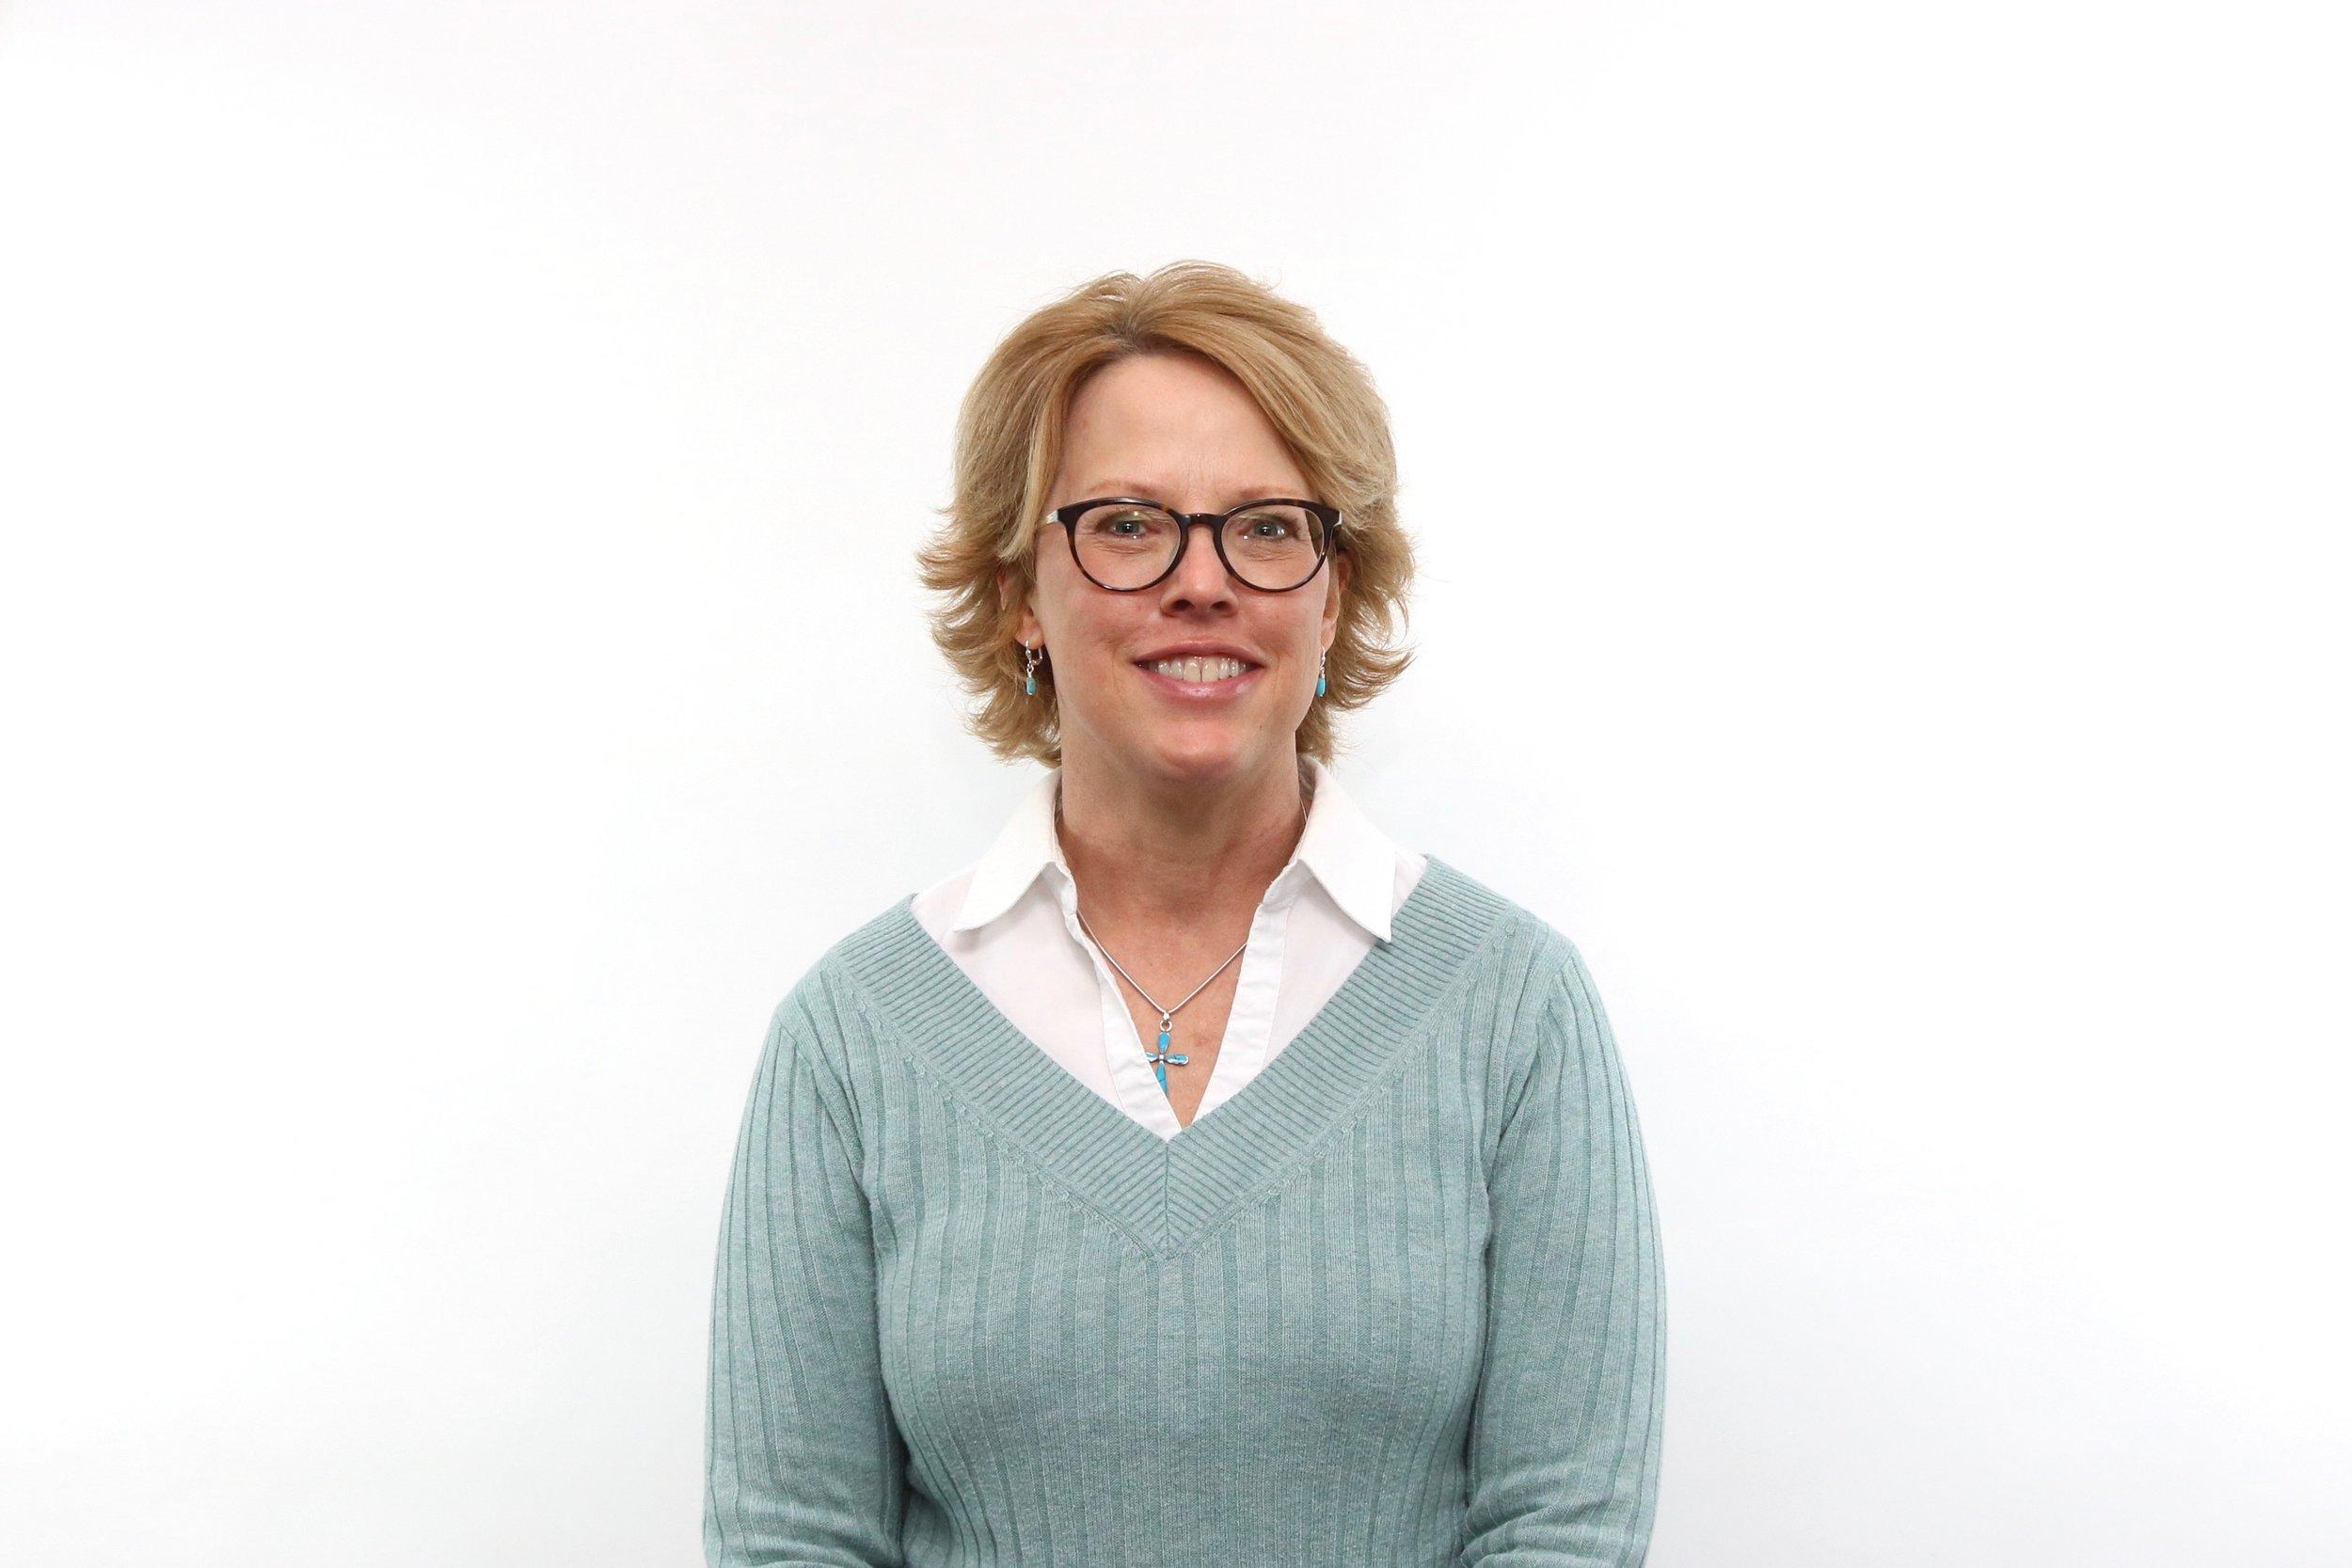 Lora Hutson, adviser